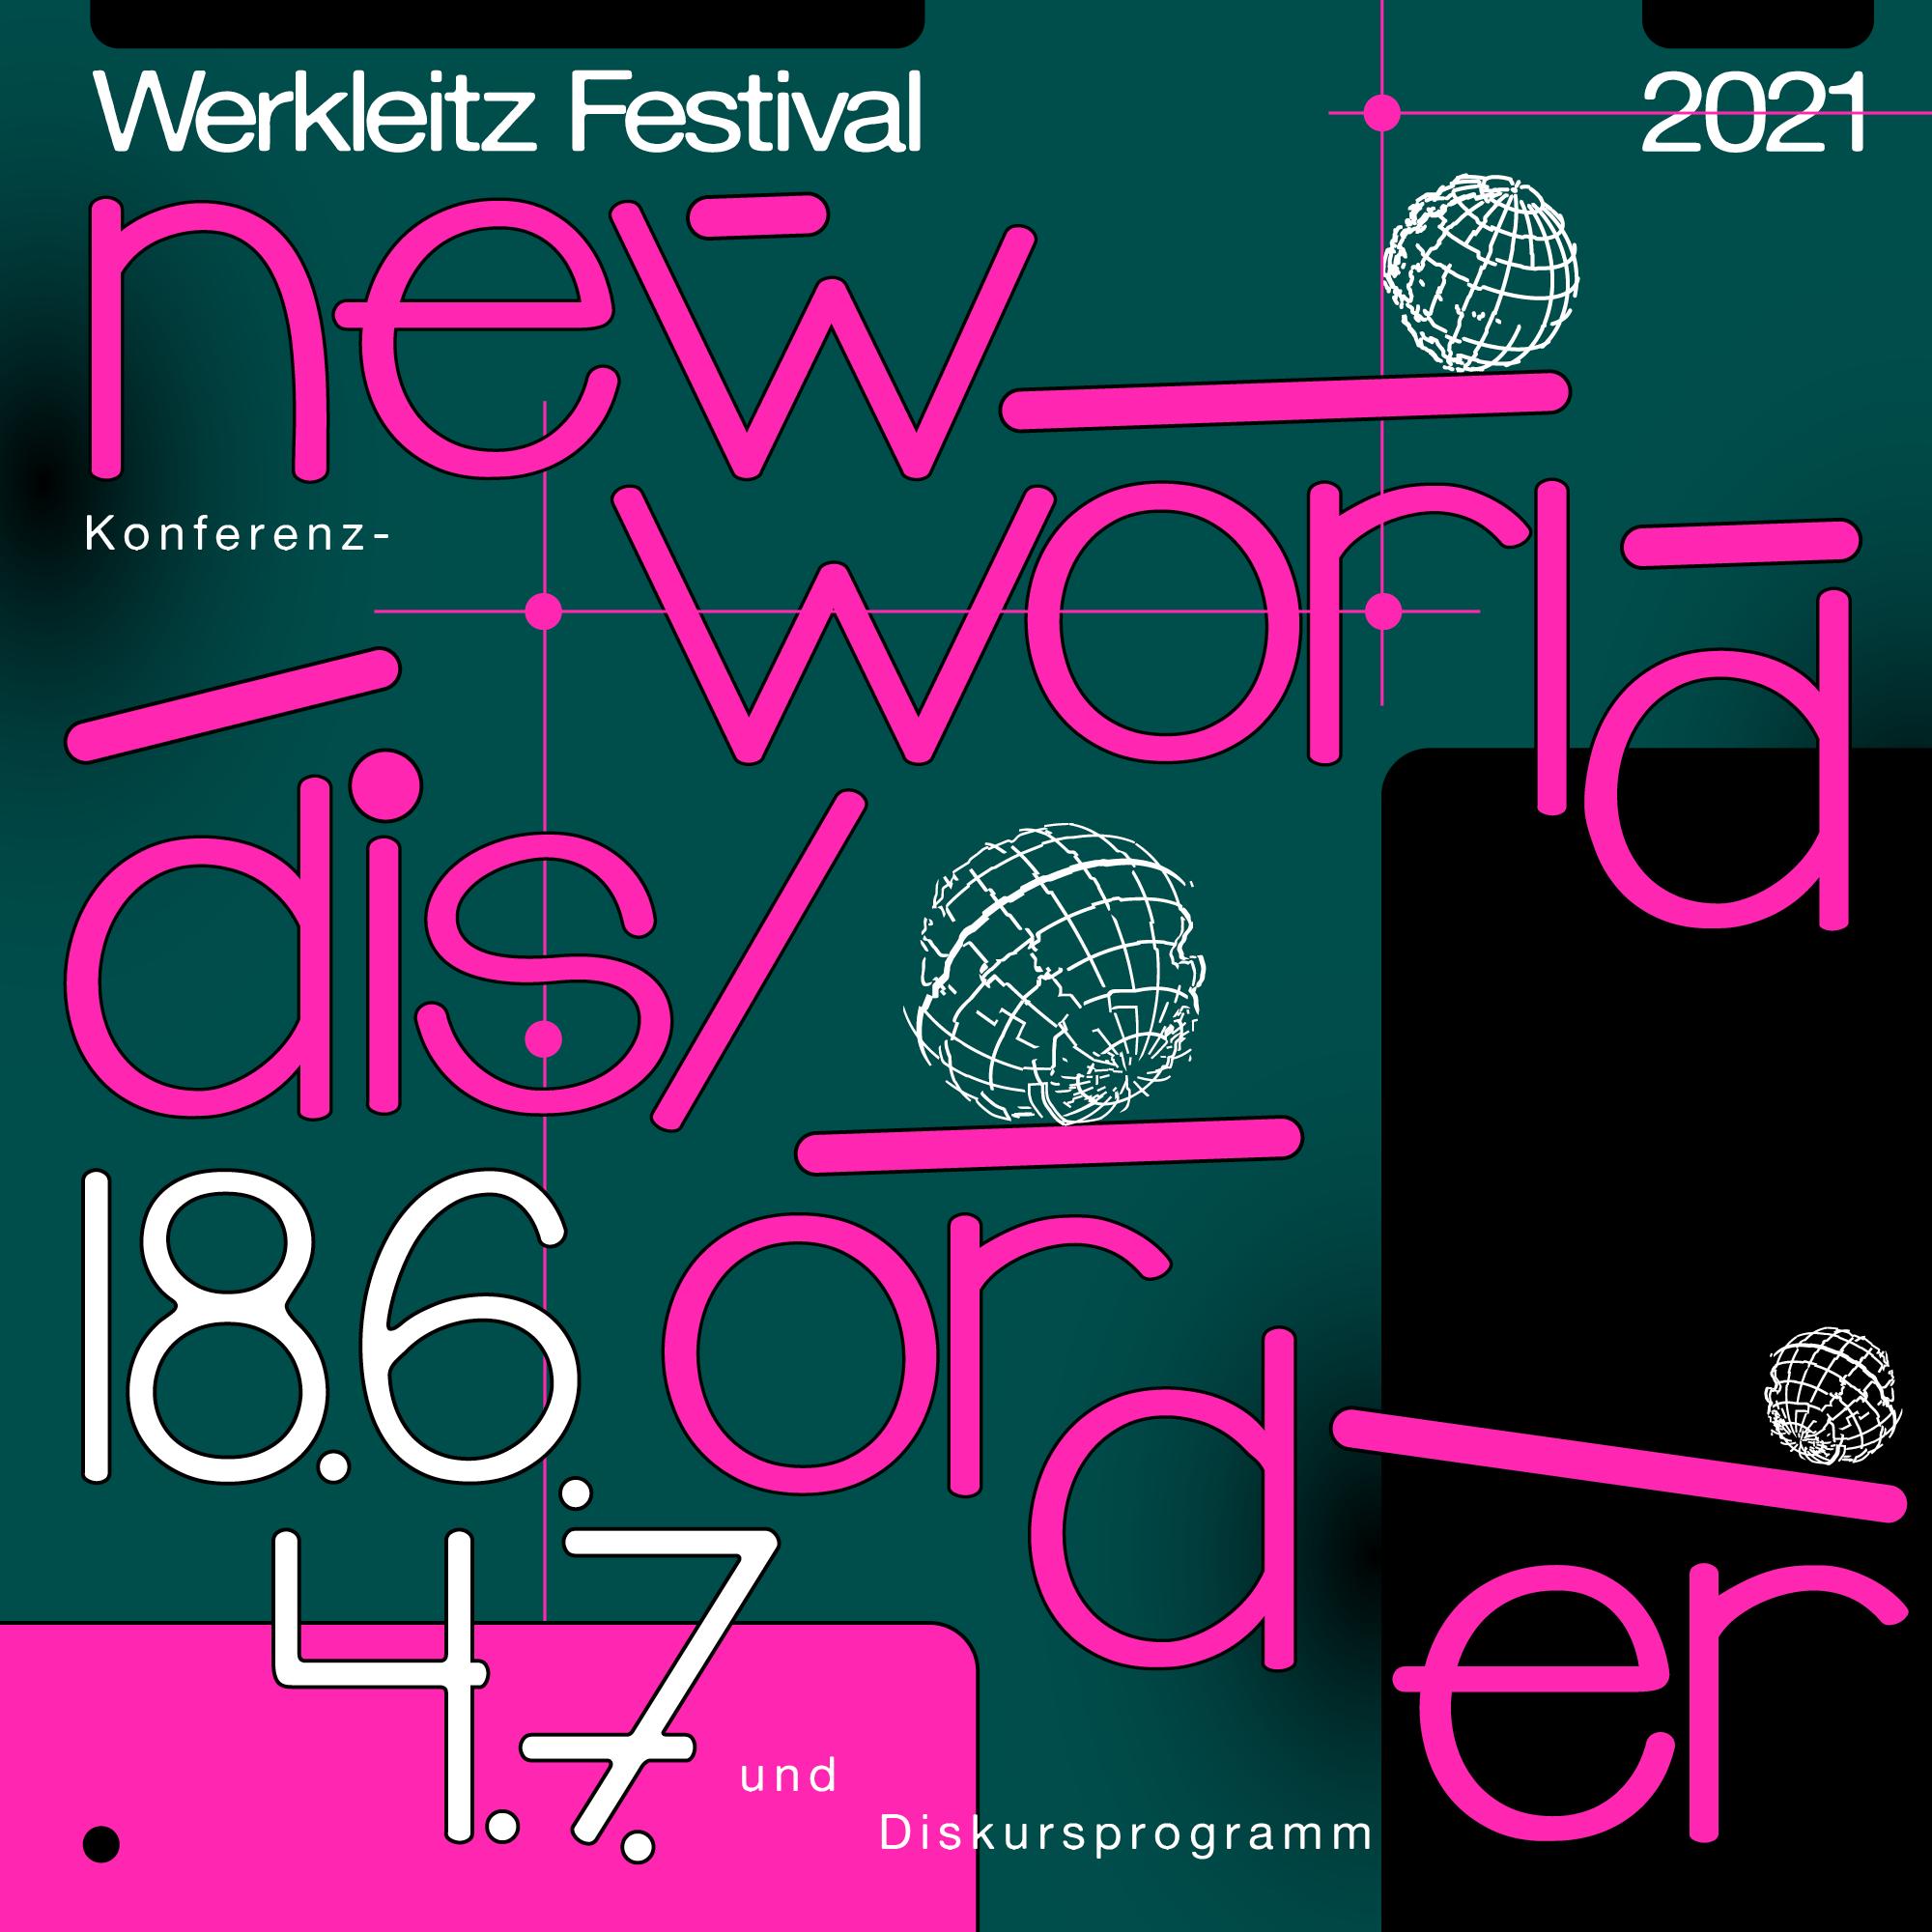 Werkleitz-Festival 2021 Halle